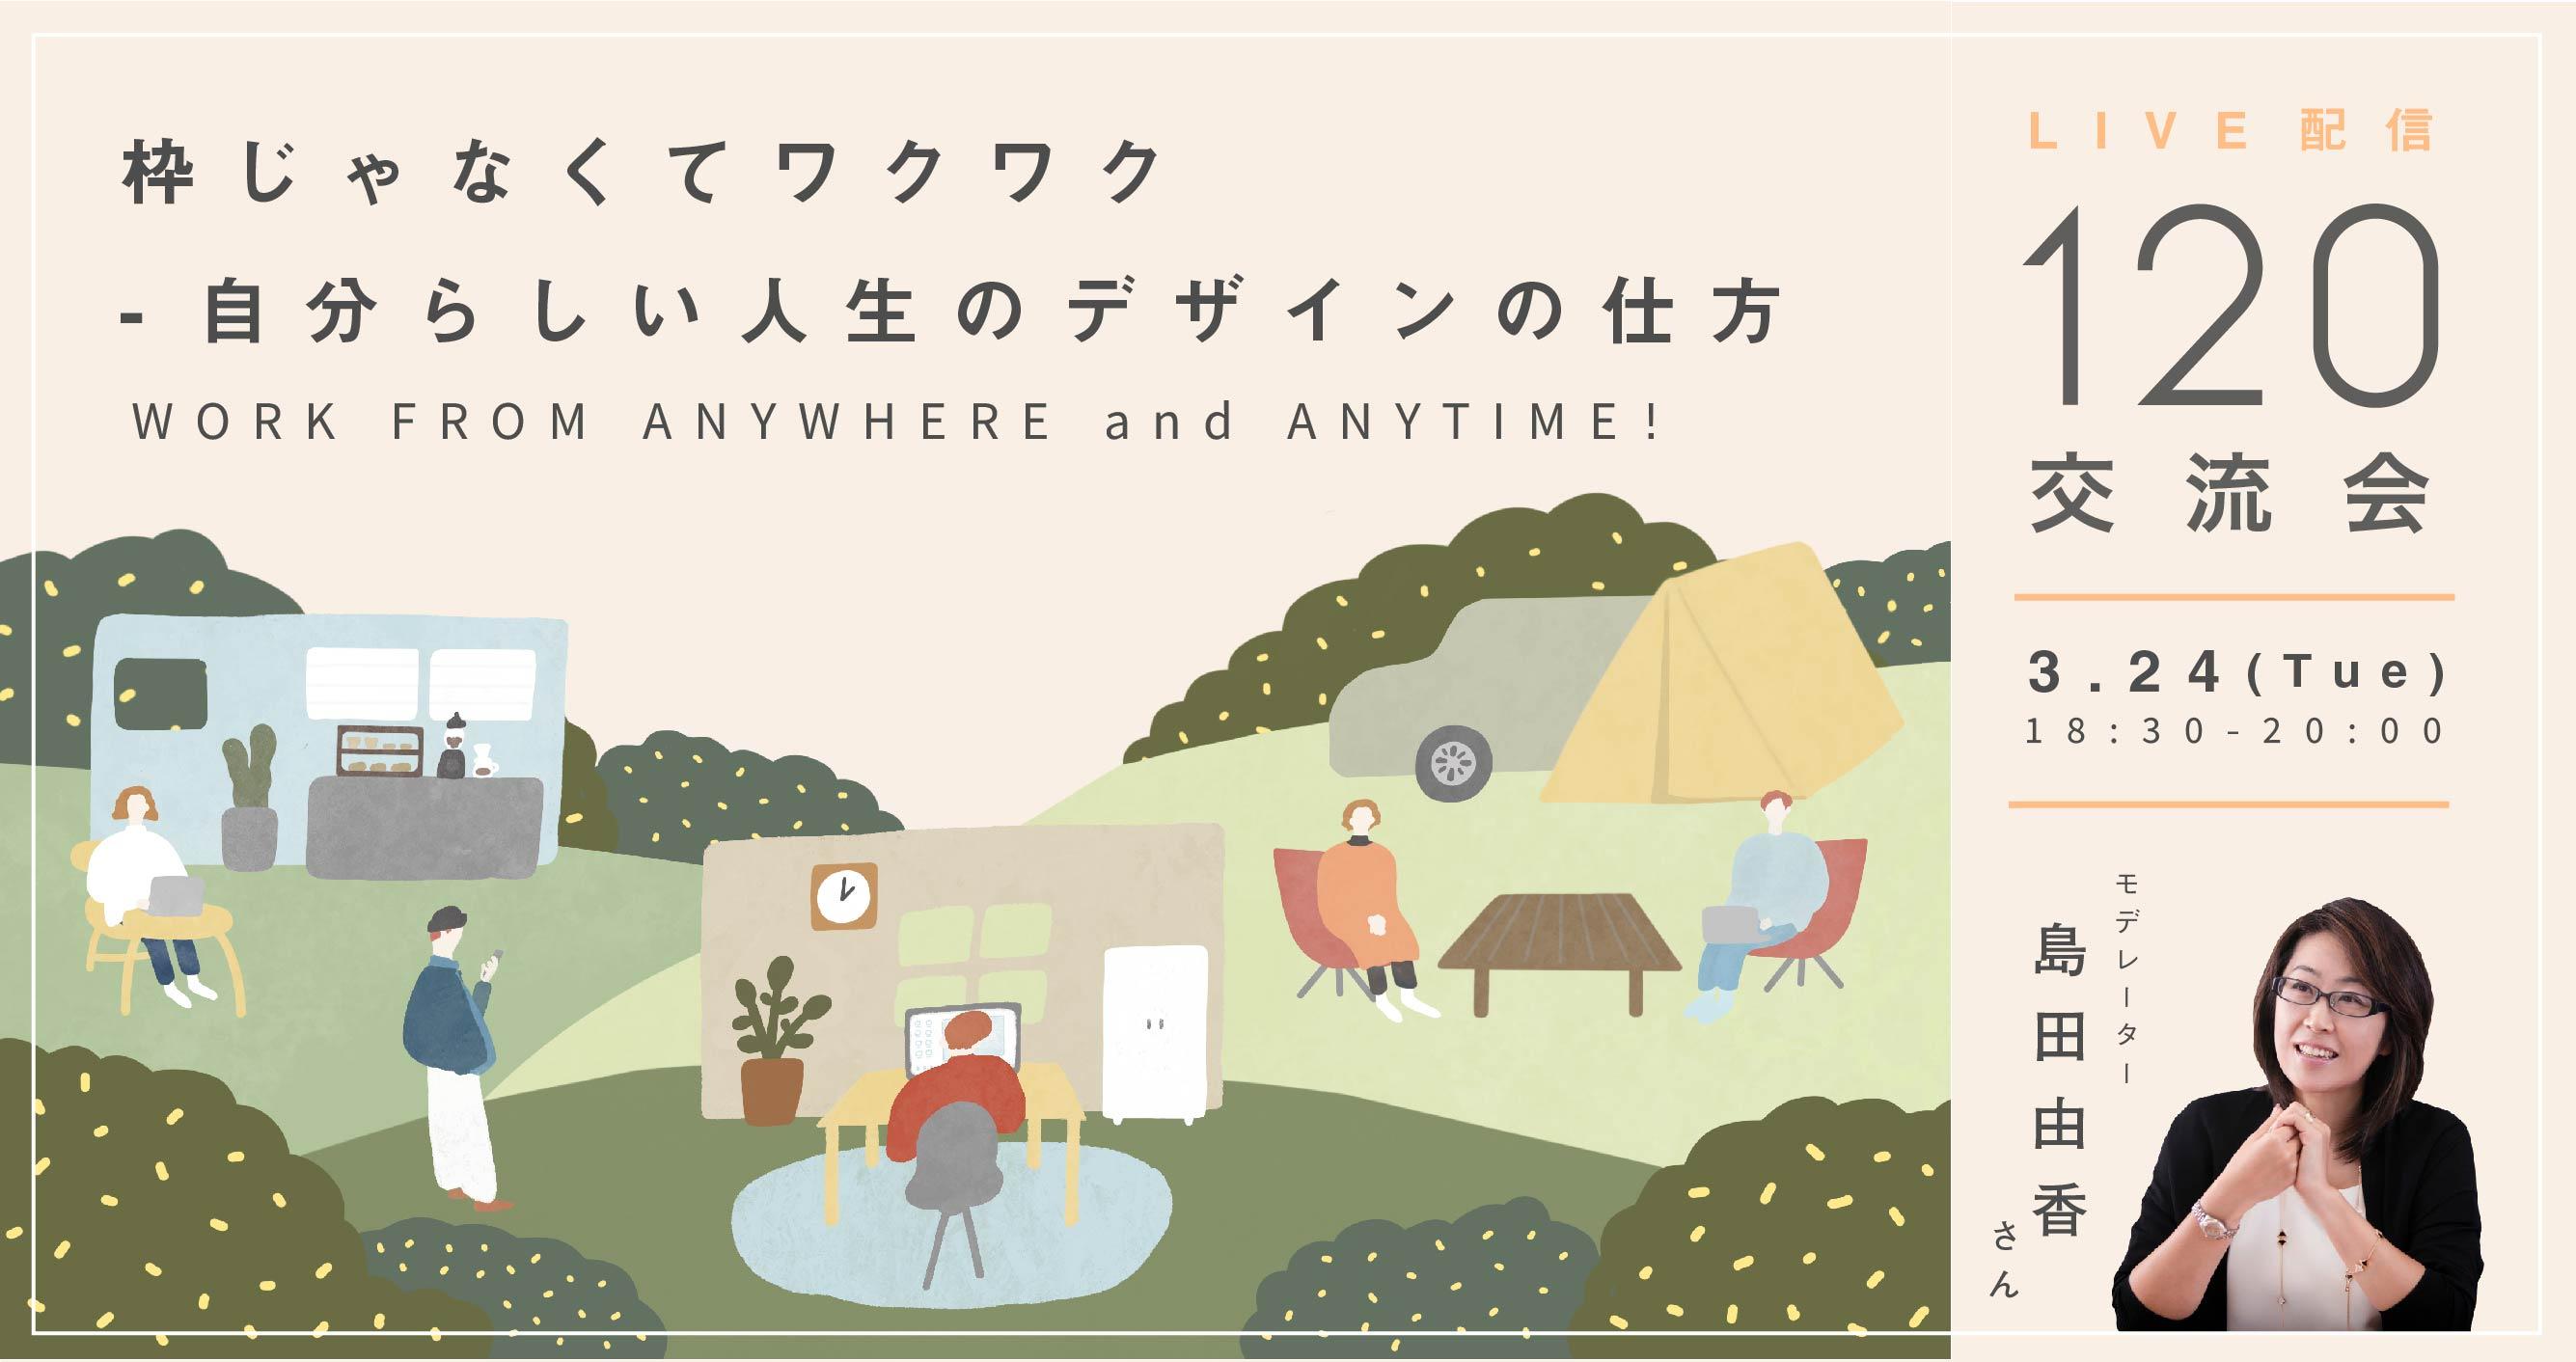 【リモート開催!】第16回交流会「ナニWAA! in 神戸 枠じゃなくてワクワク – 自分らしい人生のデザインの仕方」